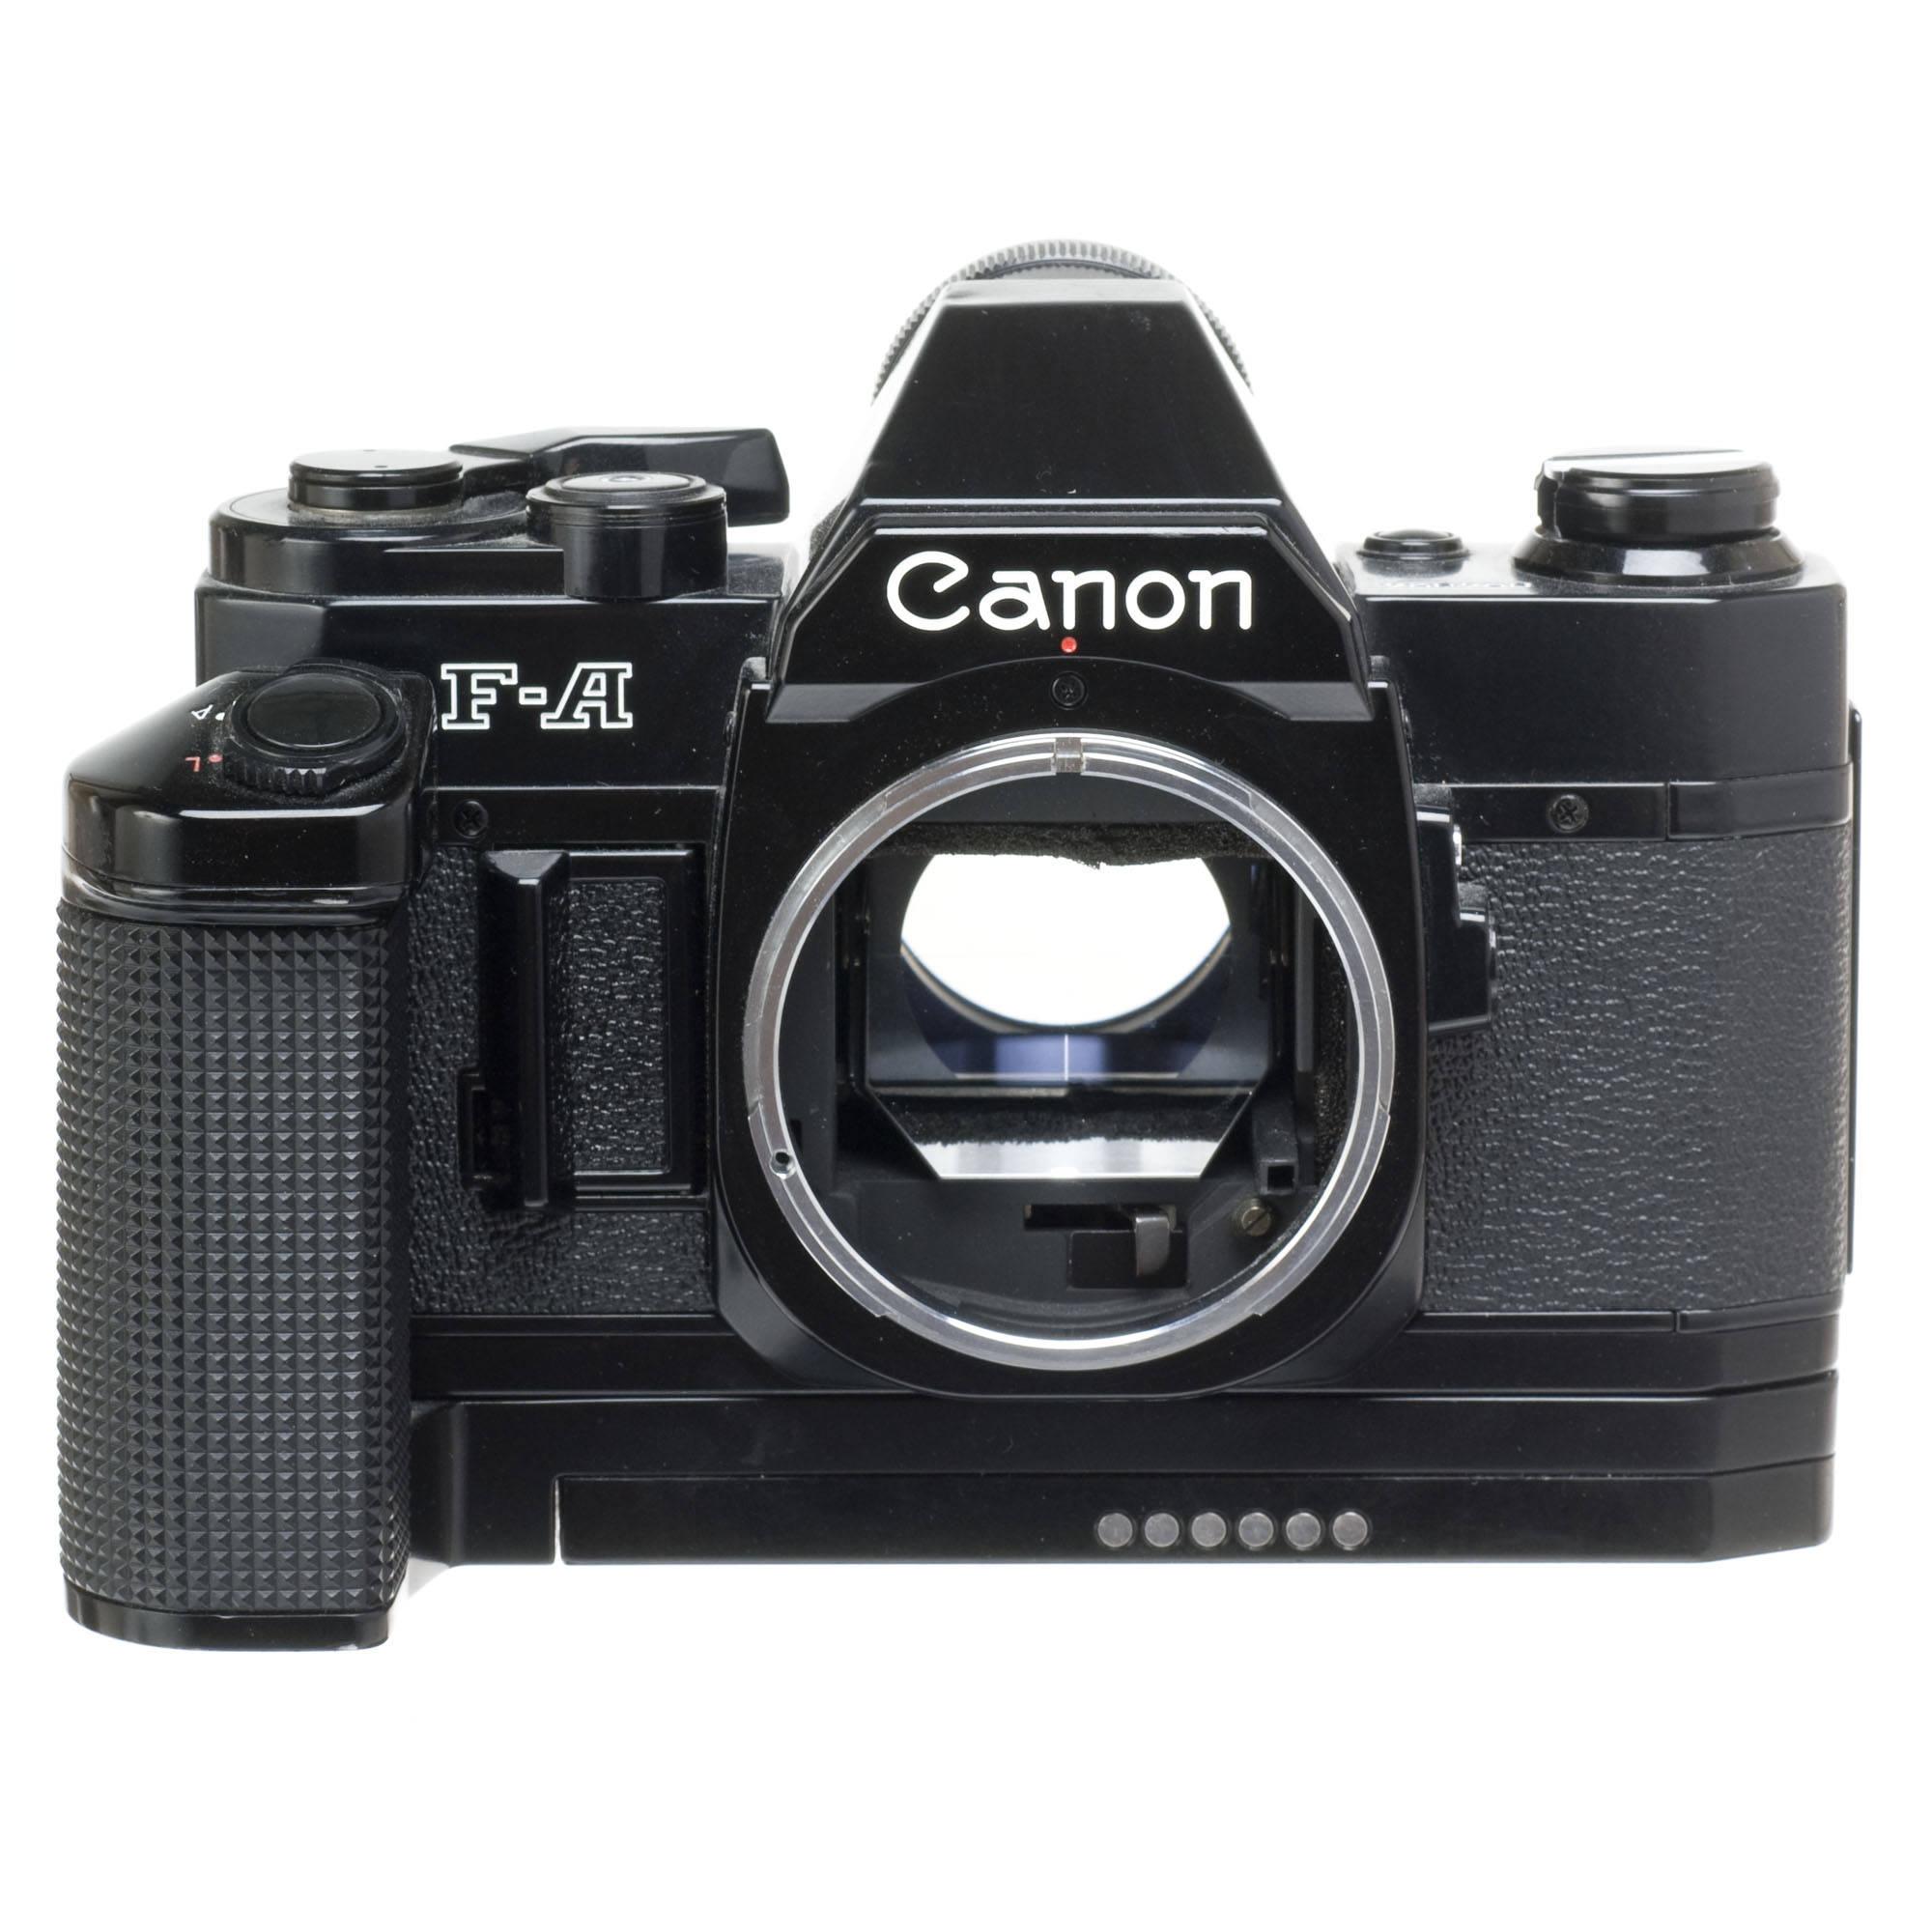 used canon fa 35mm manual focus camera black with motor drive rh bhphotovideo com Canon Speedlite 420EX canon pc 420 copier manual